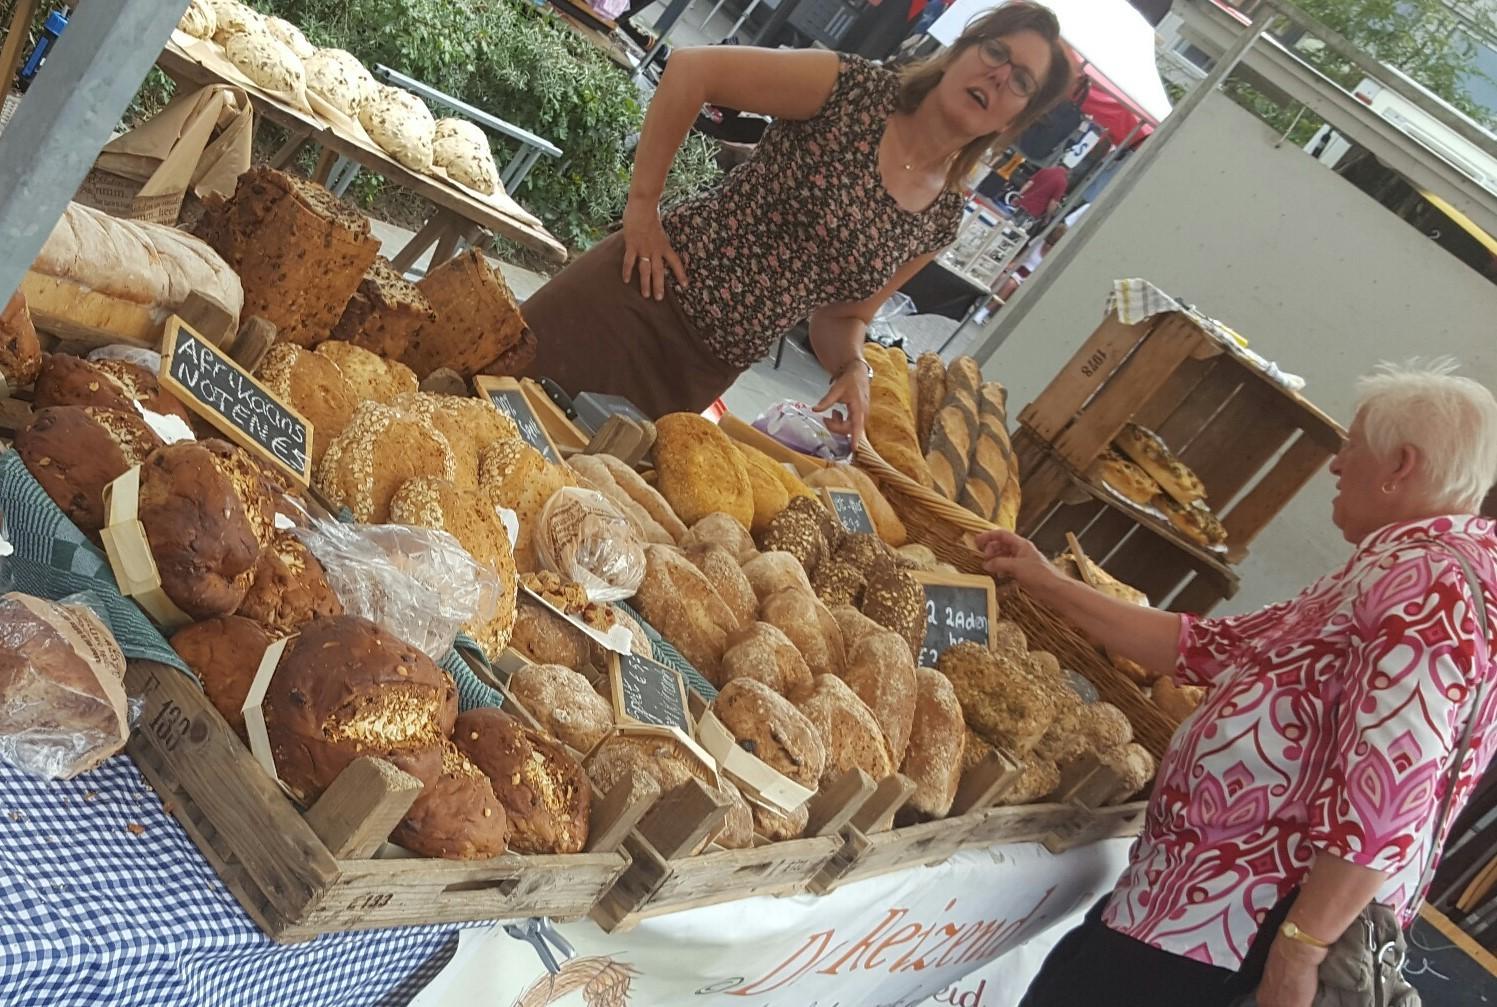 Het dreamteam van afgelopen zomermarkt in s'Heerenberg